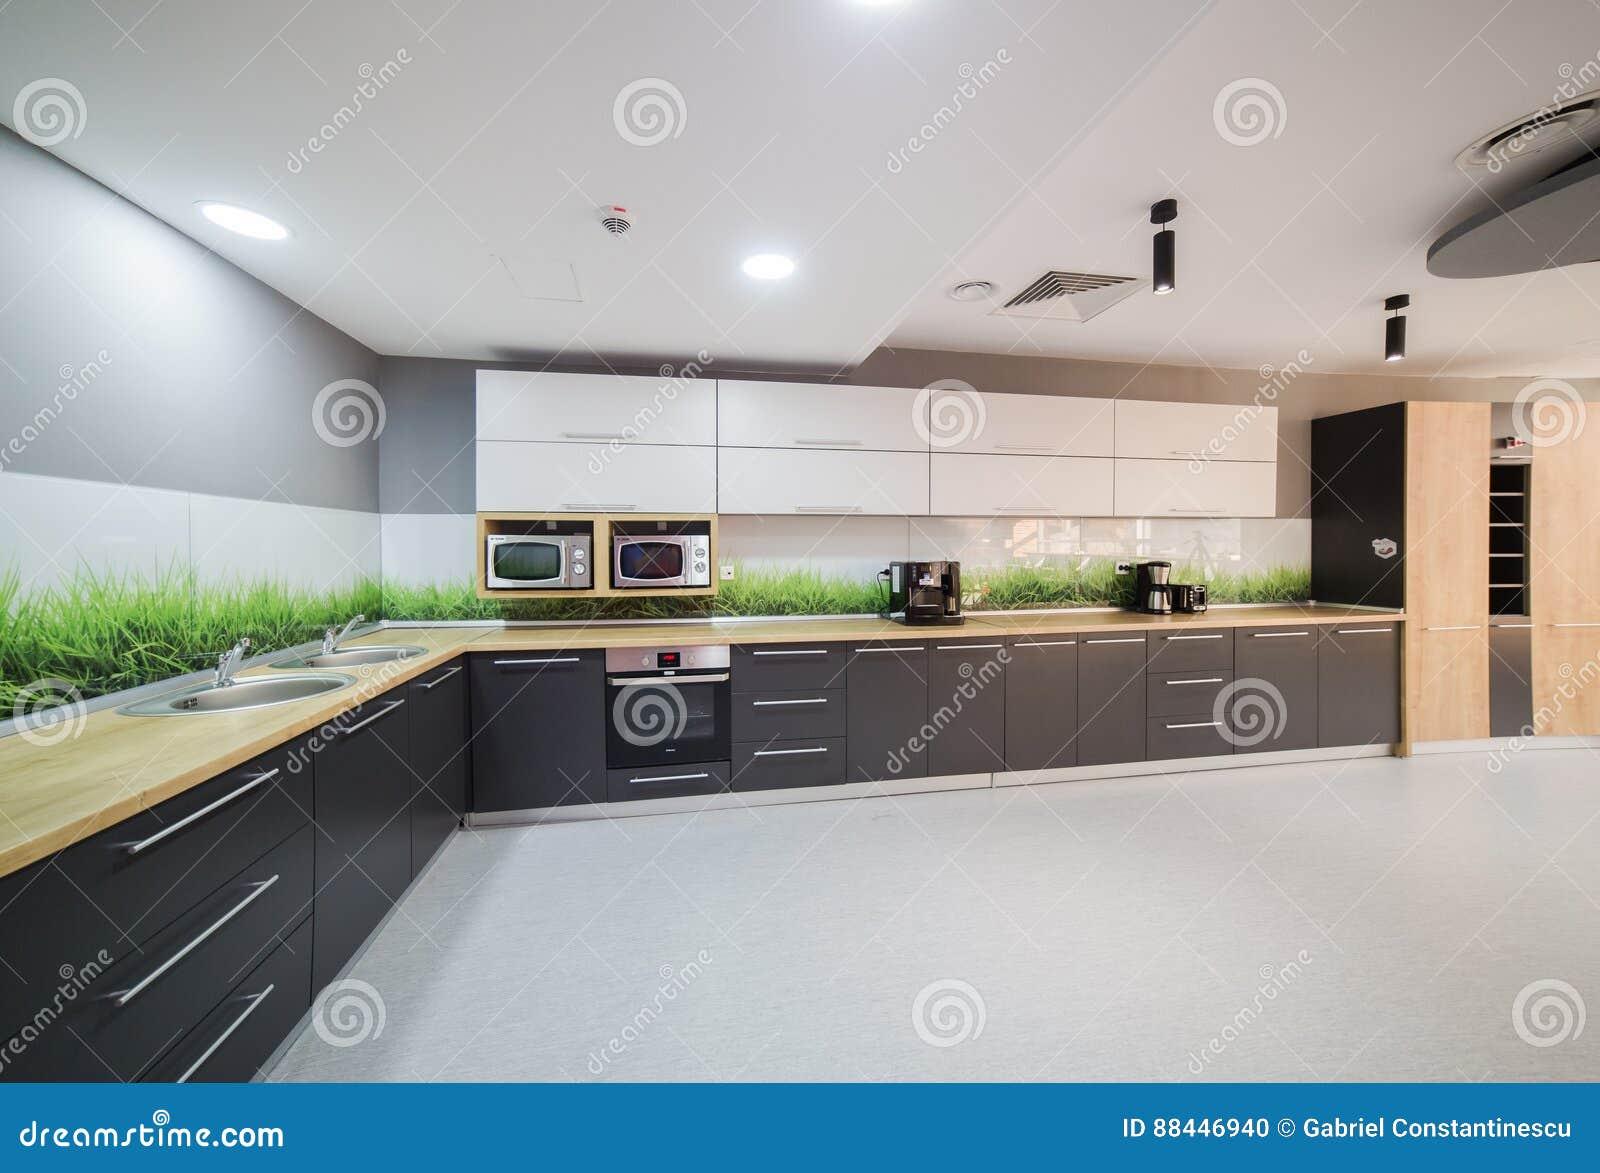 Cuisine moderne dans l immeuble de bureaux photo stock image du